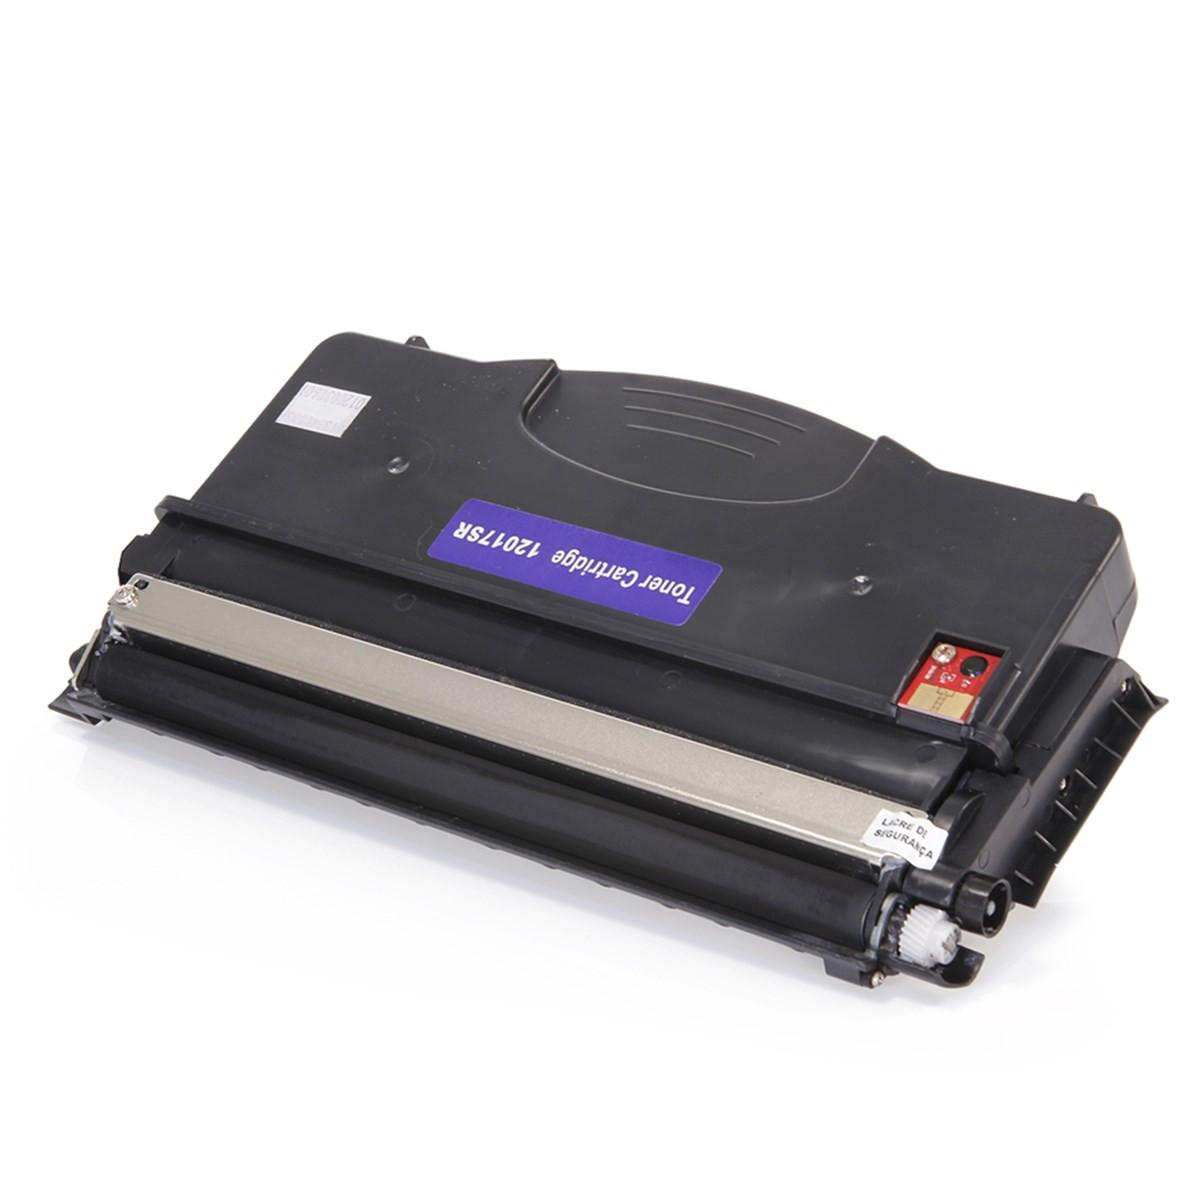 Toner Compatível com Lexmark E120 E120N 12018SL | Premium Quality 2k